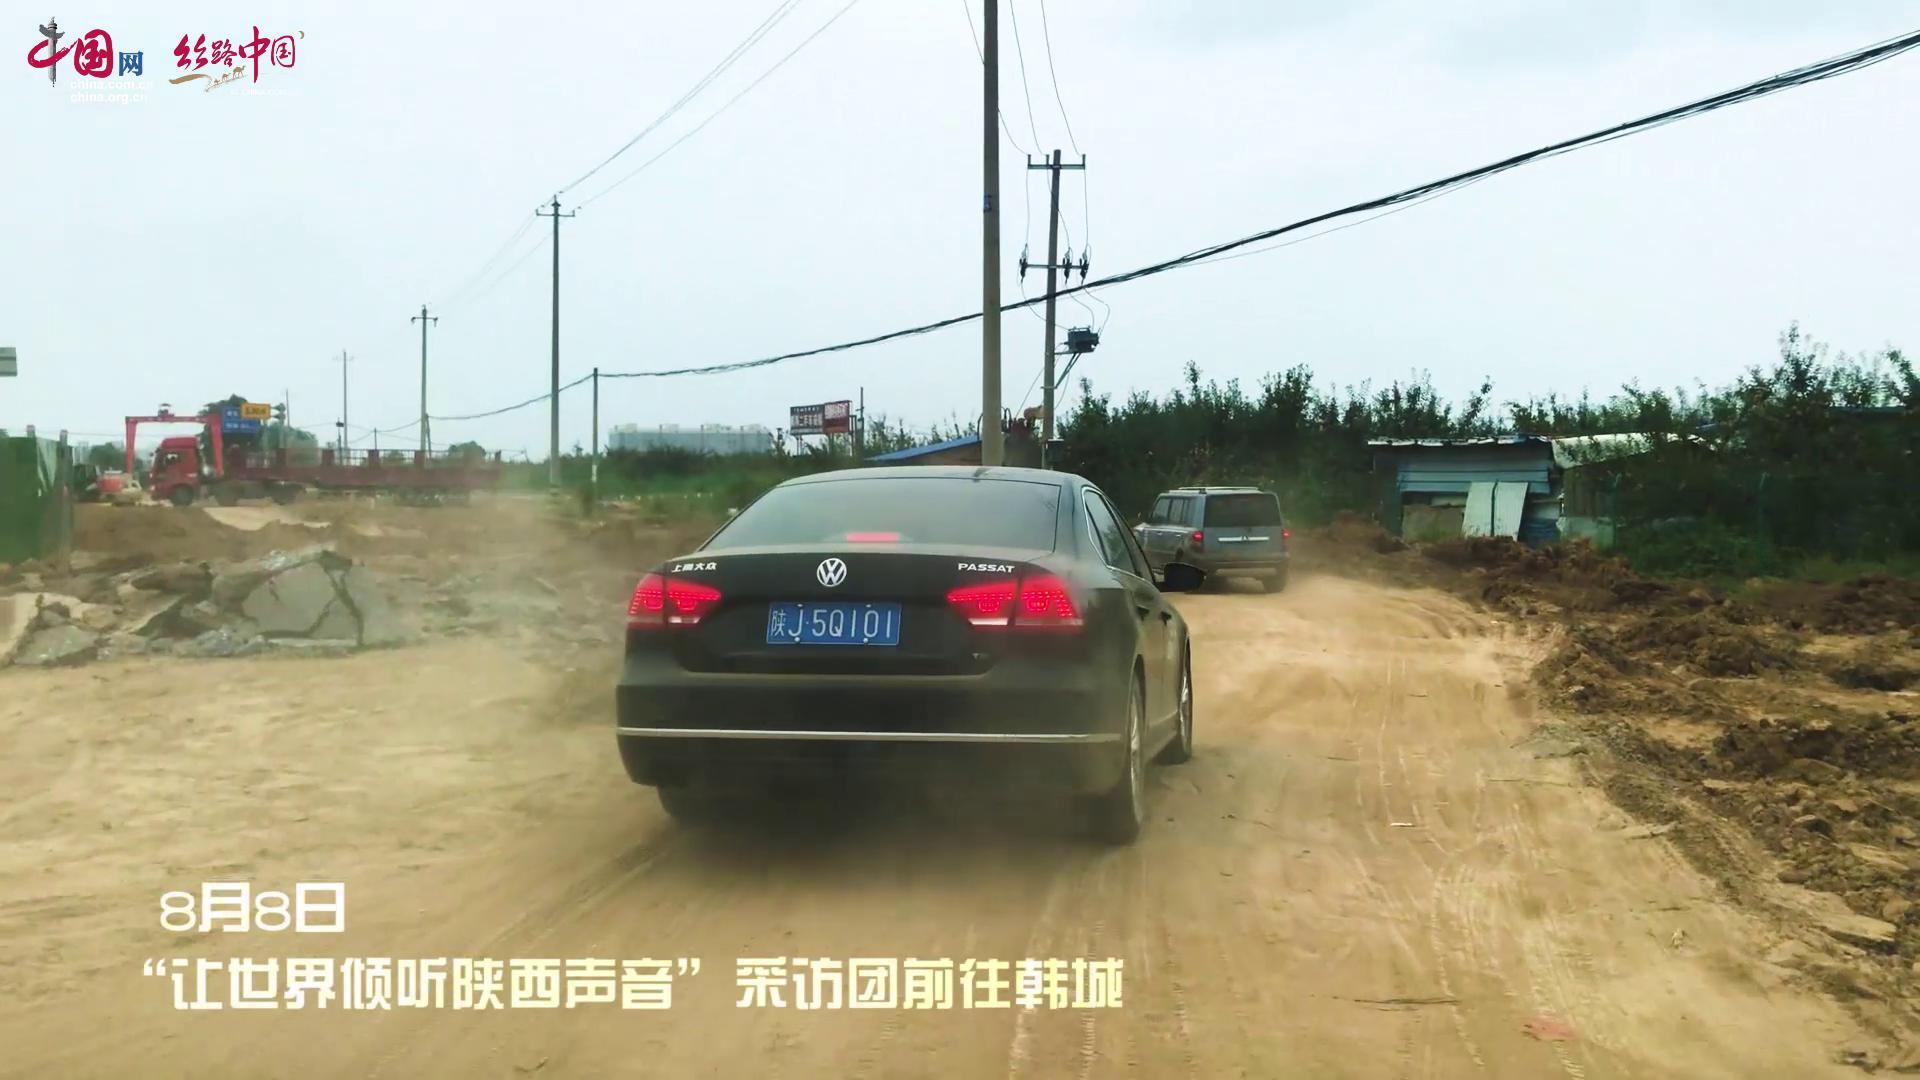 【视频】陕西韩城:花椒香 乡村美 农民富